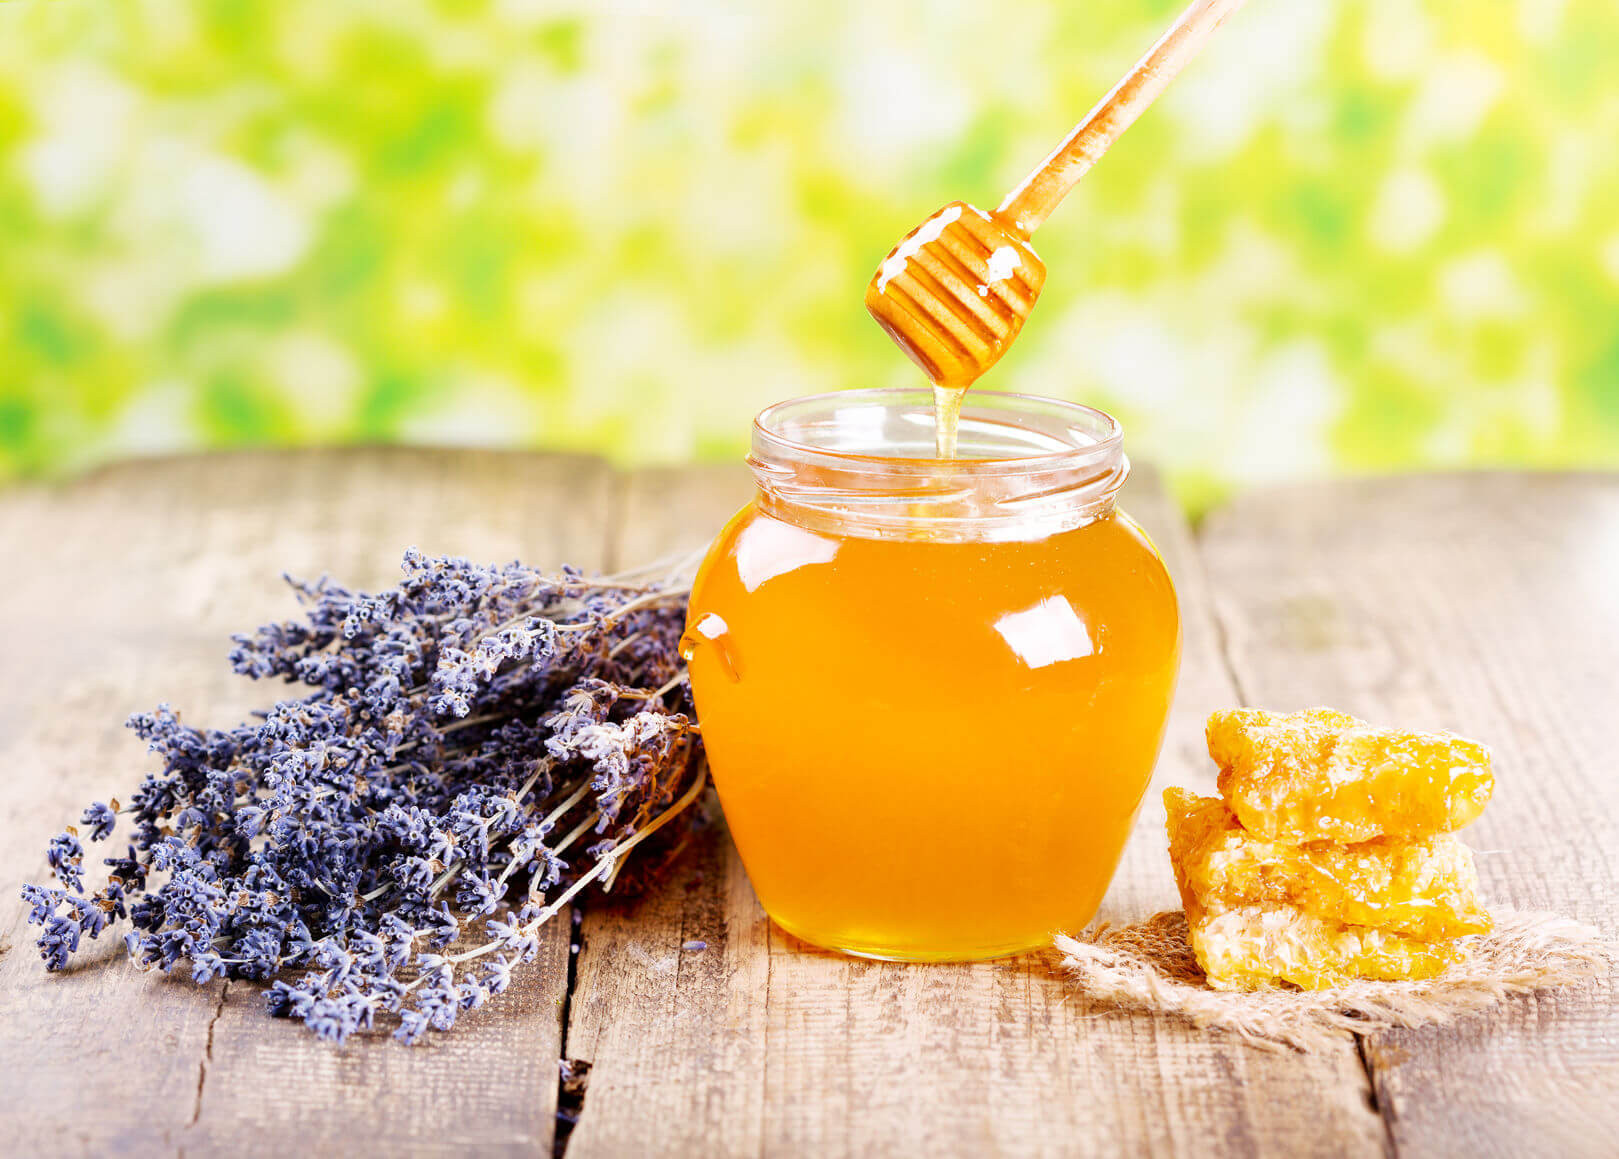 Пять интересных фактов про мёд